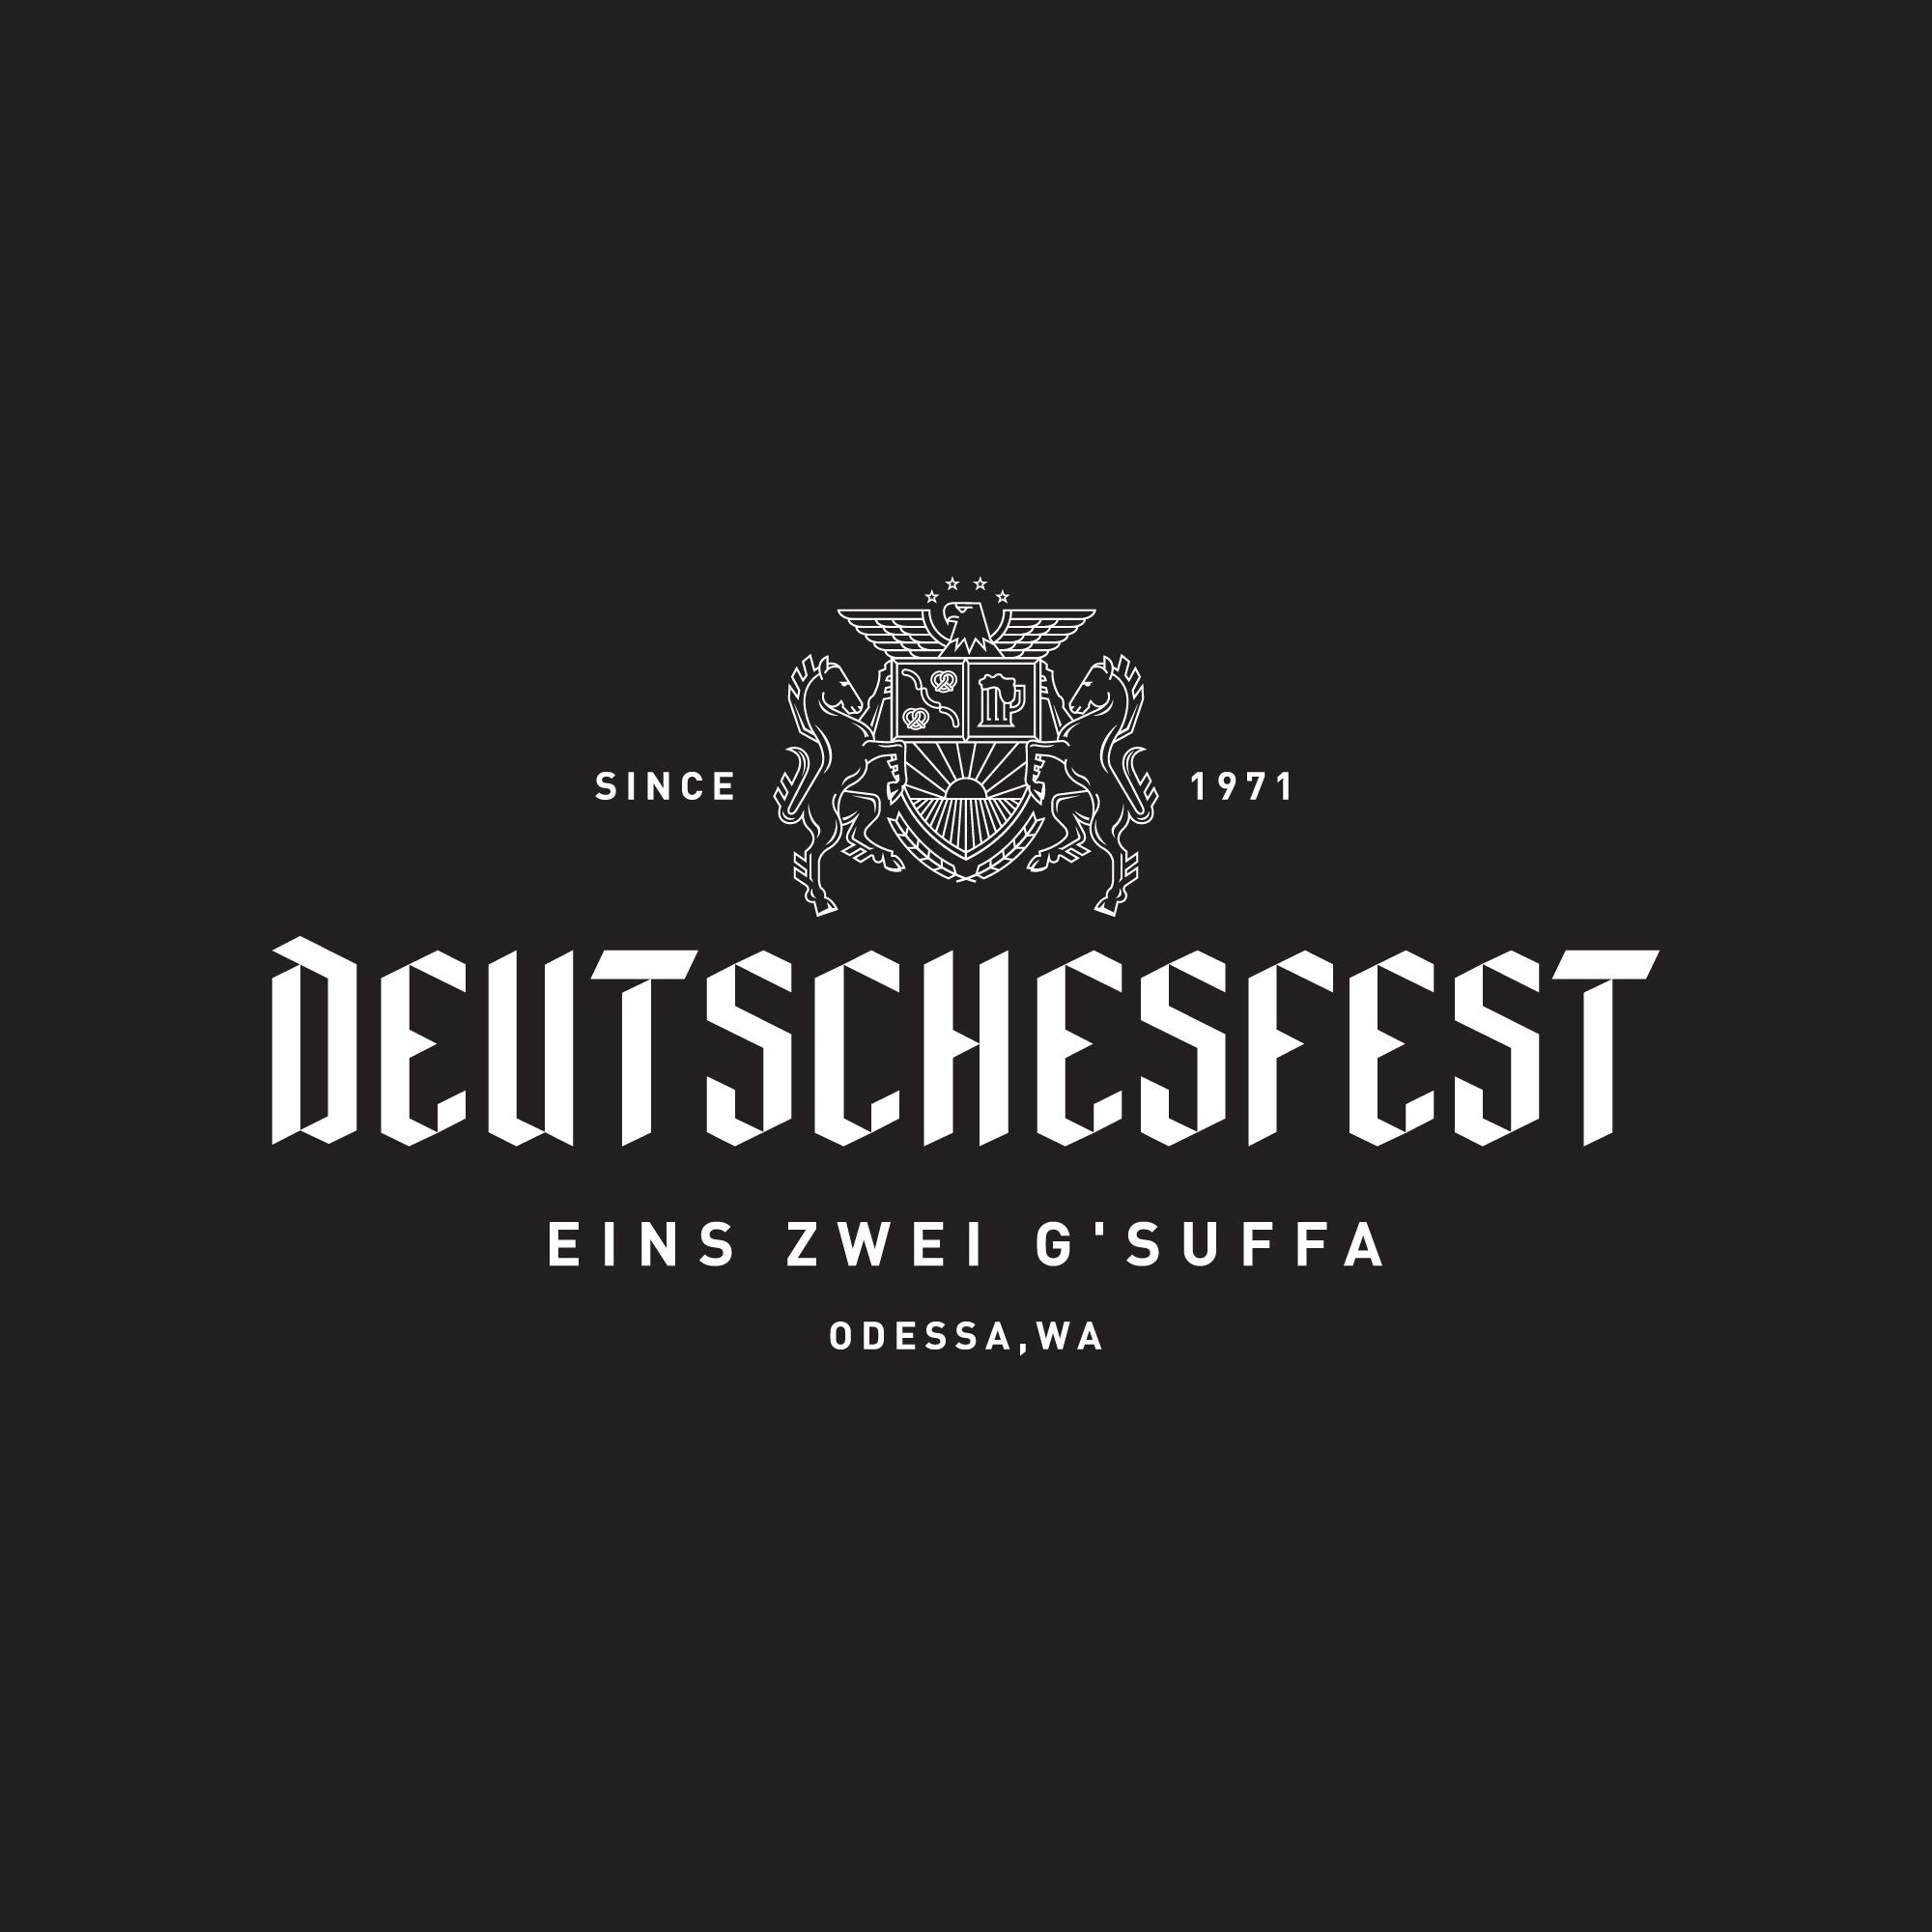 dfest-logo2.jpg